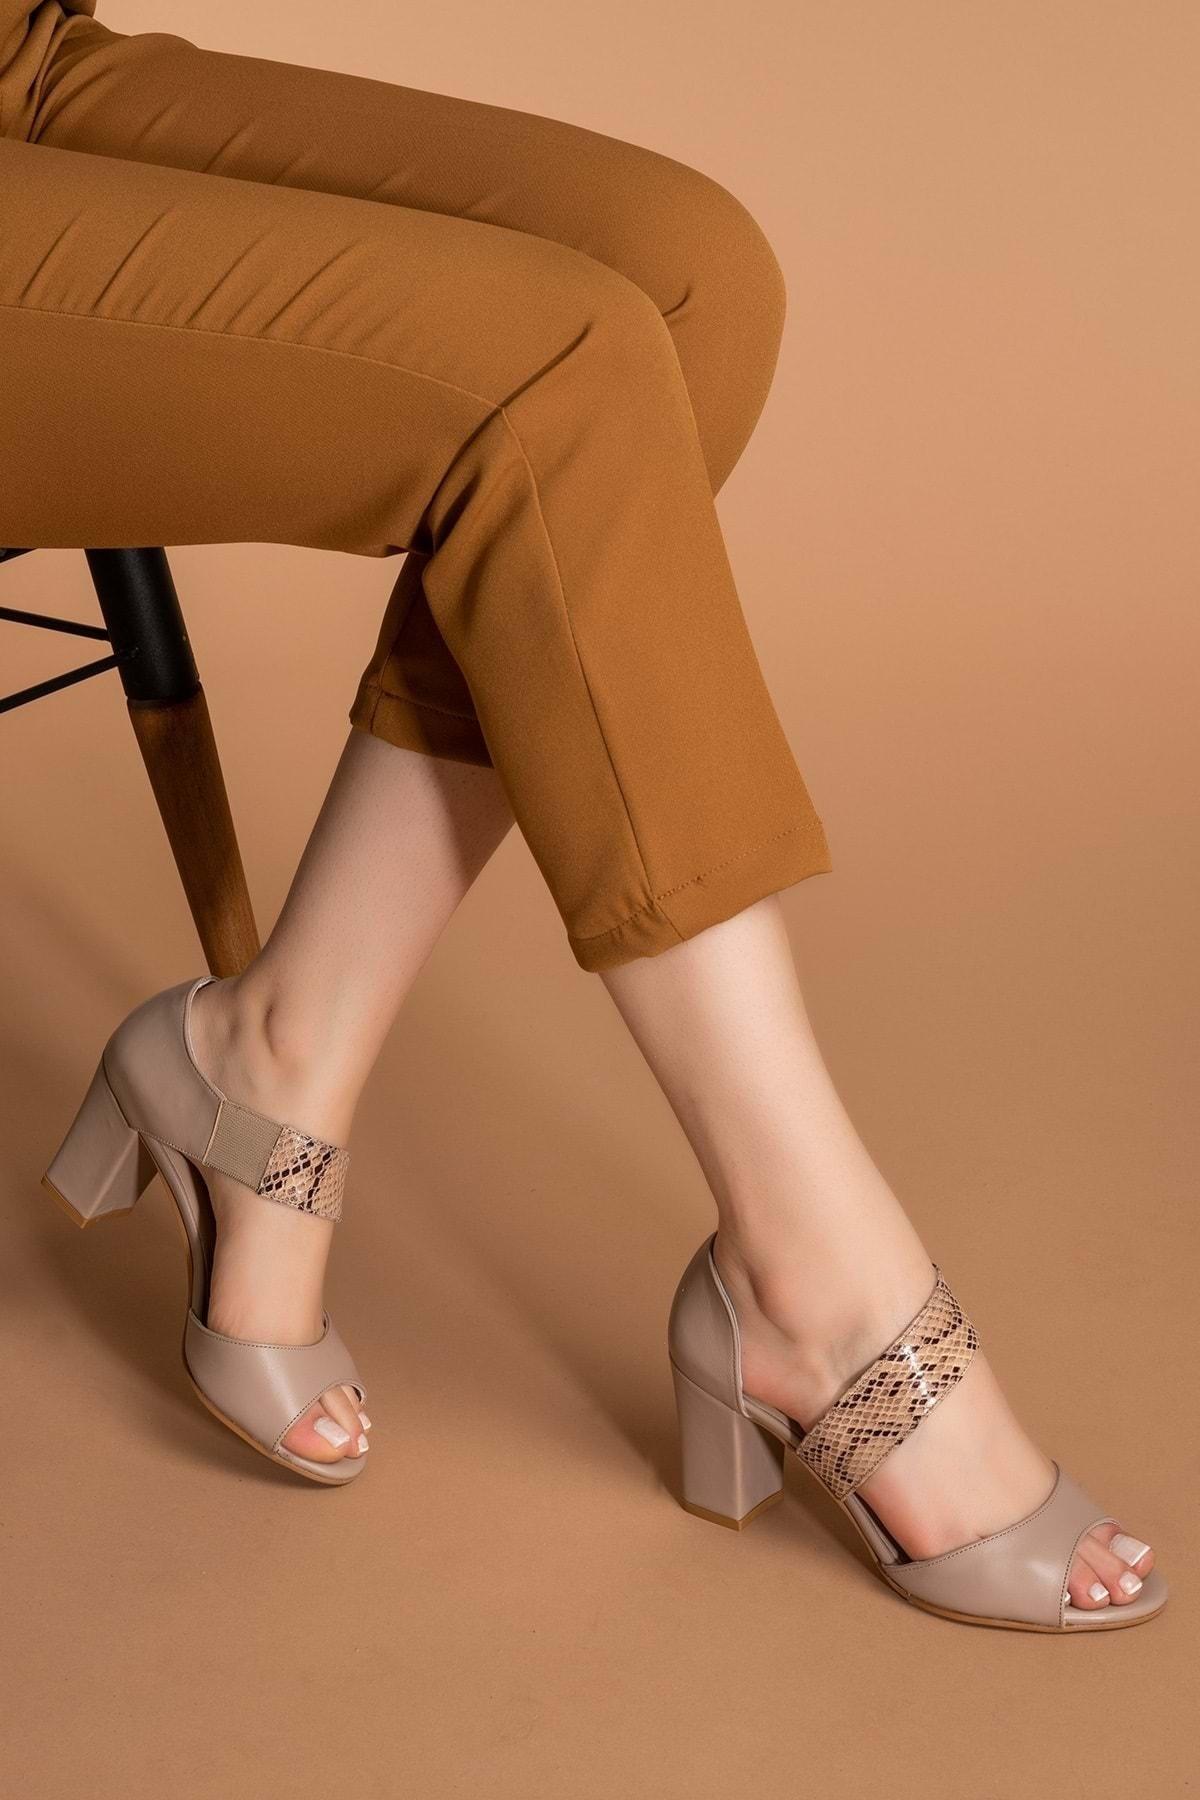 Gondol Kadın Vizon Hakiki Deri Yılan Desenli Topuklu Ayakkabı Şhn.220 1